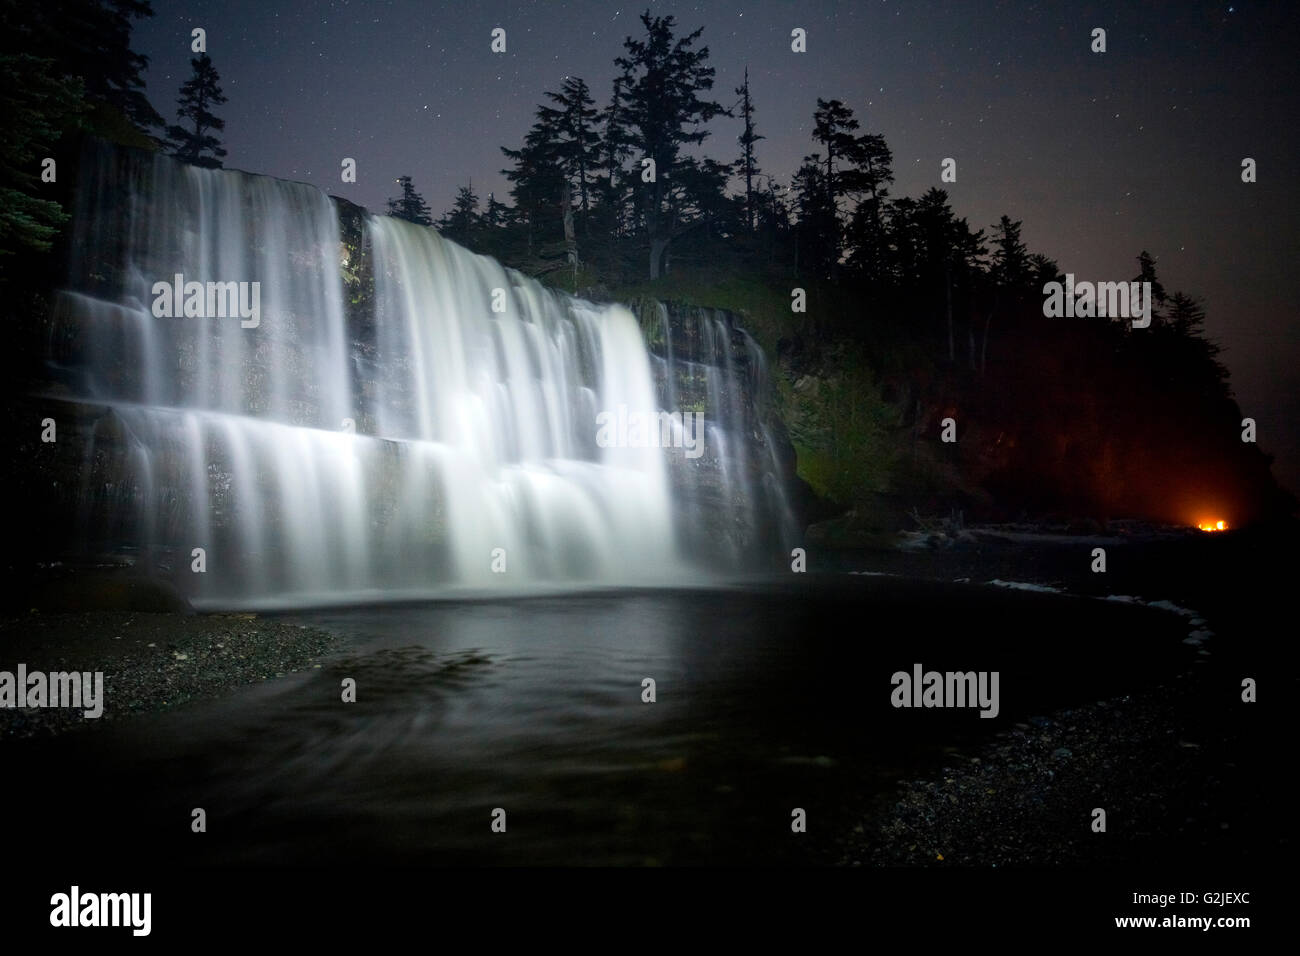 Tsusiat cae en la noche, camping, West Coast Trail, la Reserva del Parque Nacional de Pacific Rim, la isla de Vancouver, Imagen De Stock